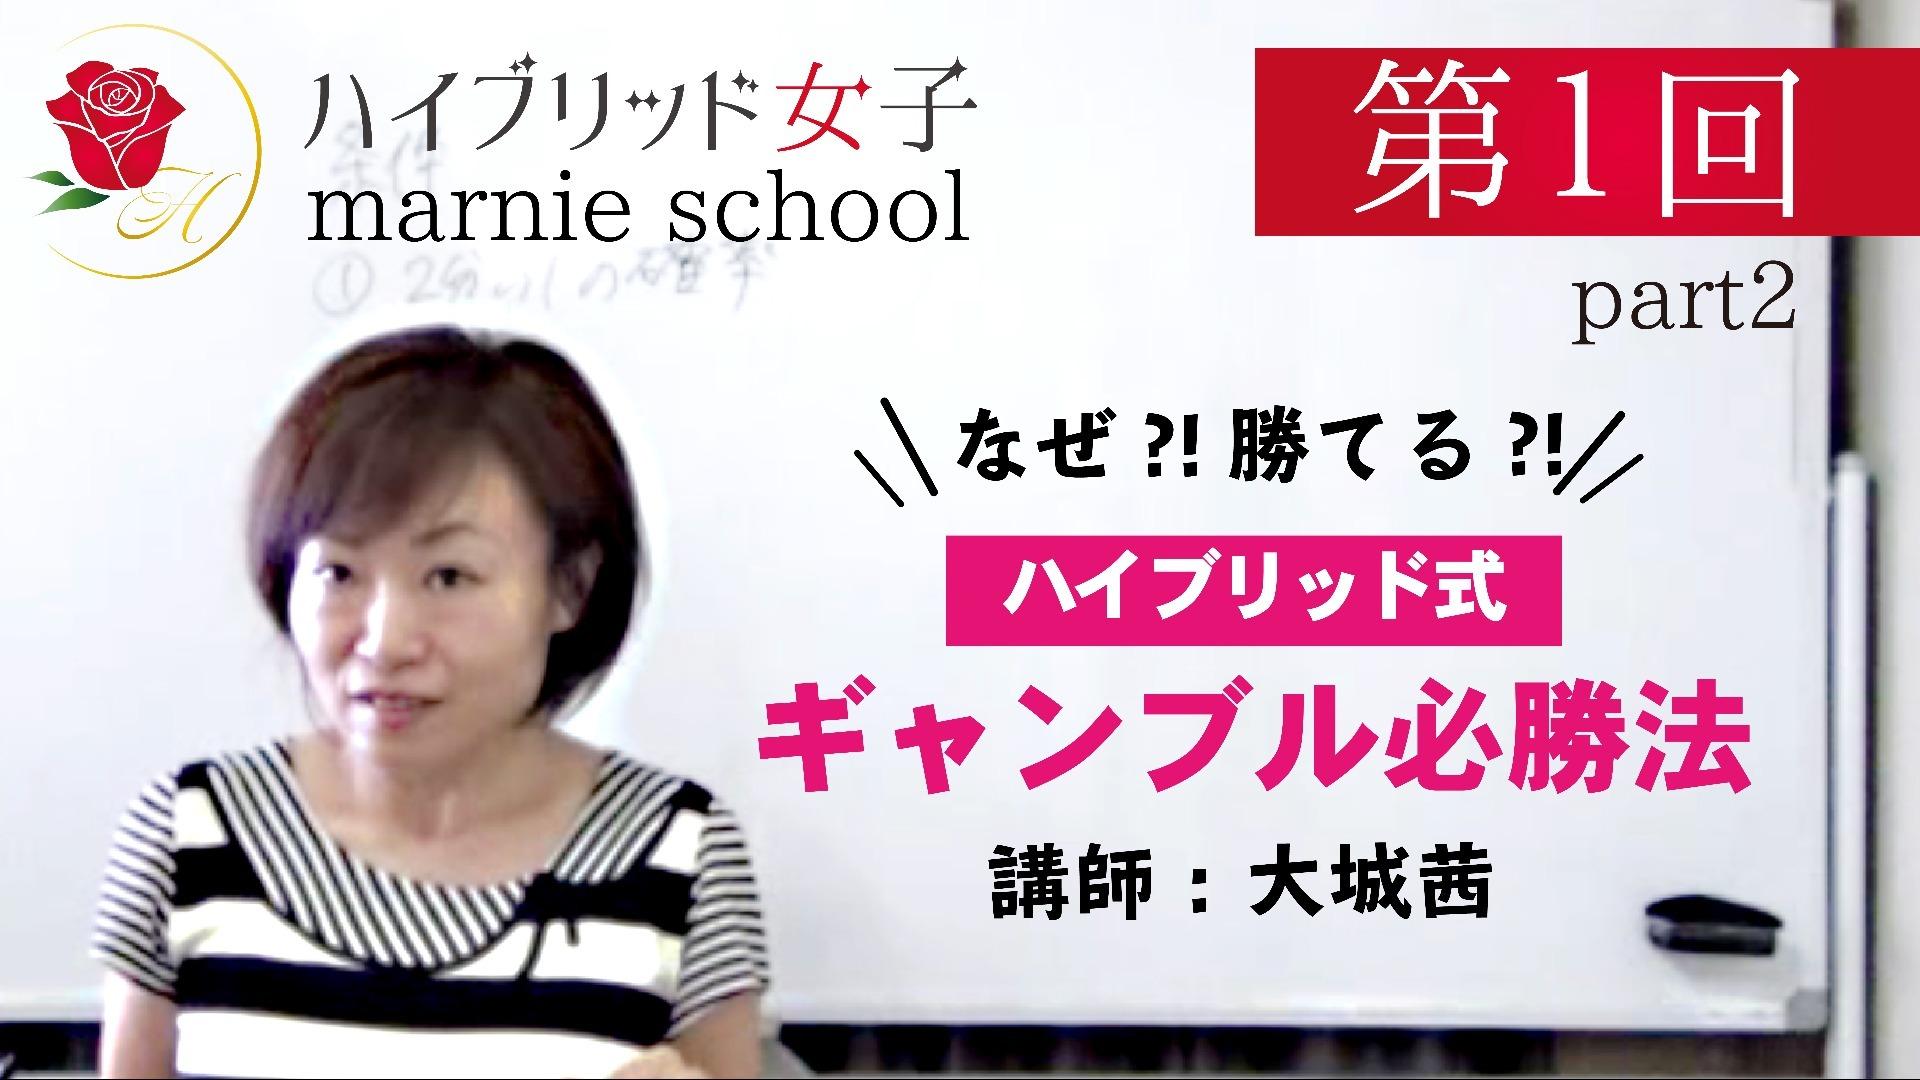 【中級編】 Marnie school 第1回 part2